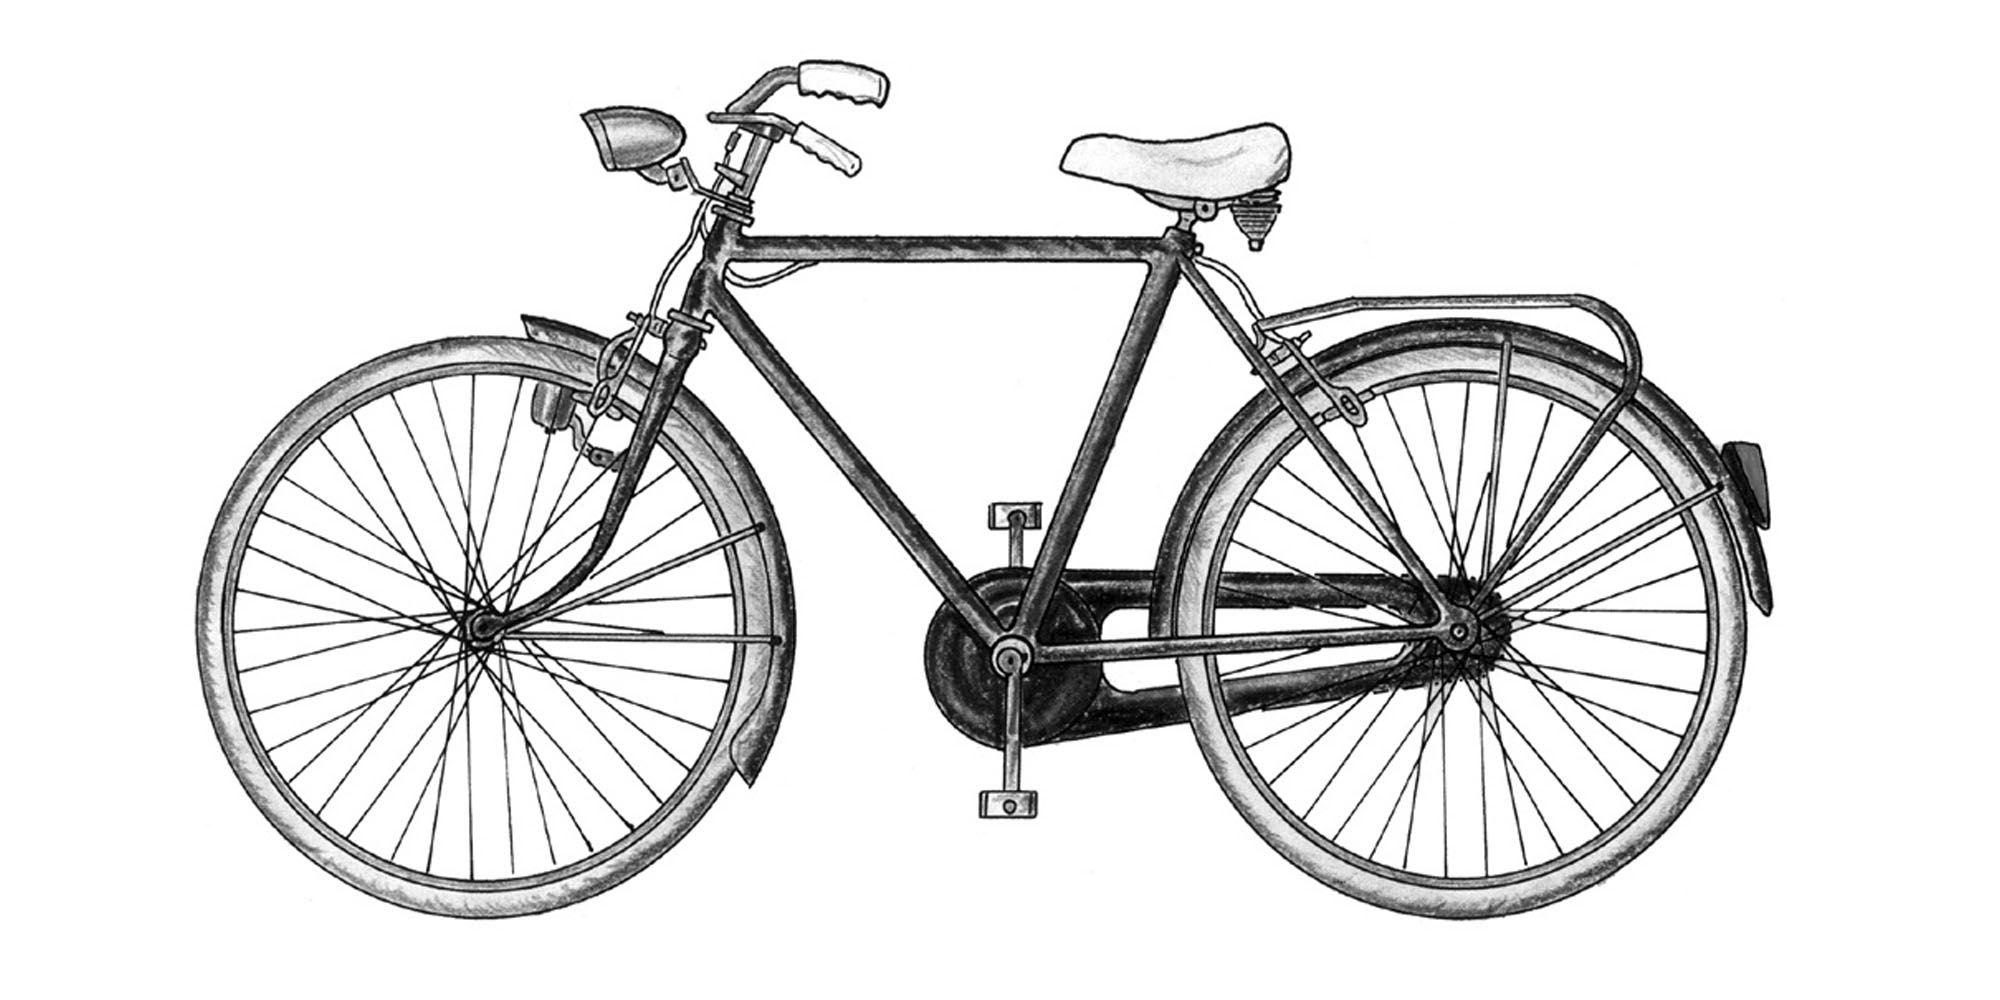 Bianchi drawing